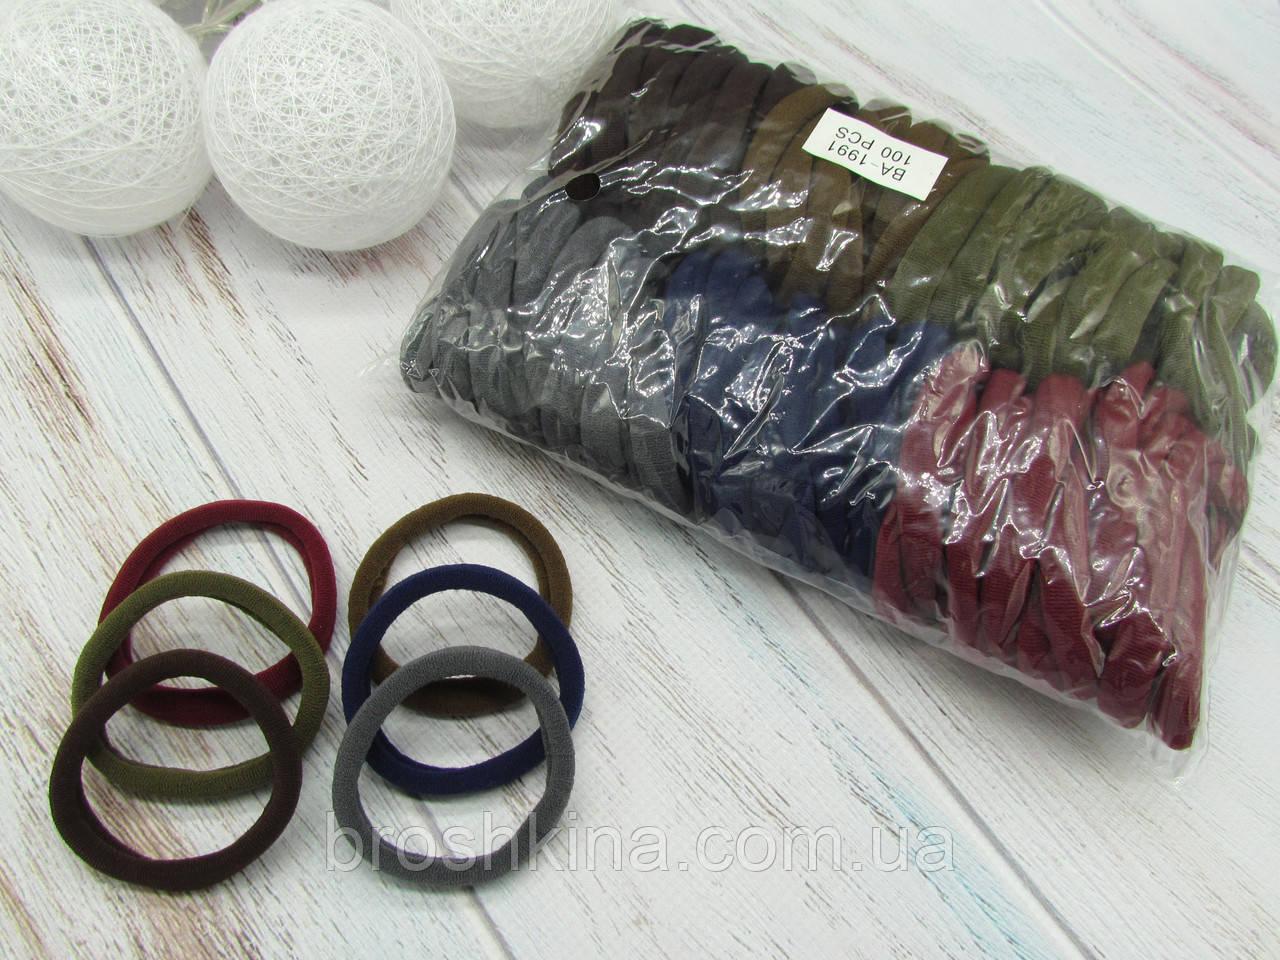 Резинки для волос Ø5 см микрофибра 100 шт/уп.